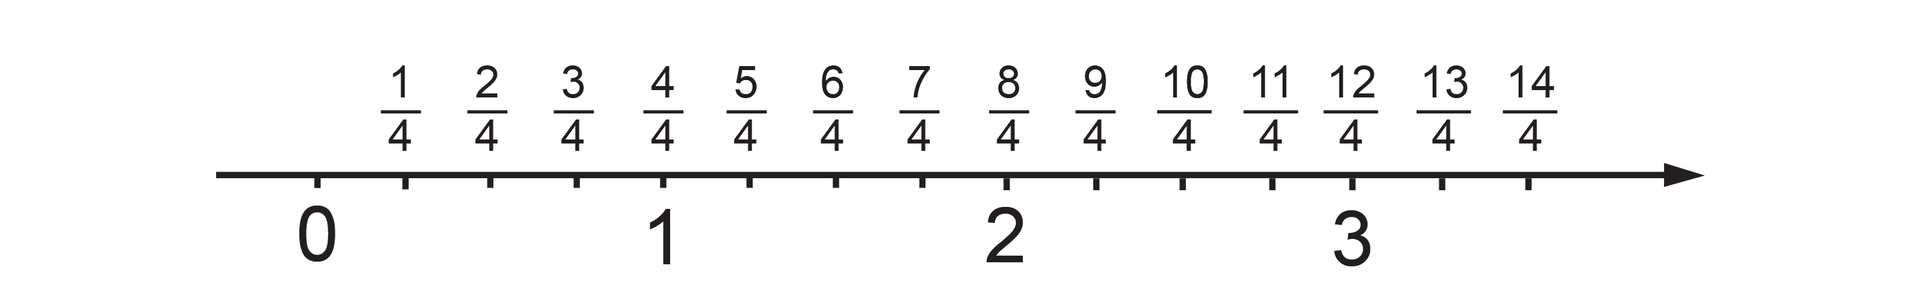 Rysunek osi liczbowej zzaznaczonymi punktami 0, 1, 2 i3. Odcinek jednostkowy podzielony jest na 4 równe części. Kolejne punkty podziału odpowiadają liczbom: jedna czwarta, dwie czwarte, trzy czwarte, …, czternaście czwartych. Punkt 1 odpowiada punktowi cztery czwarte.